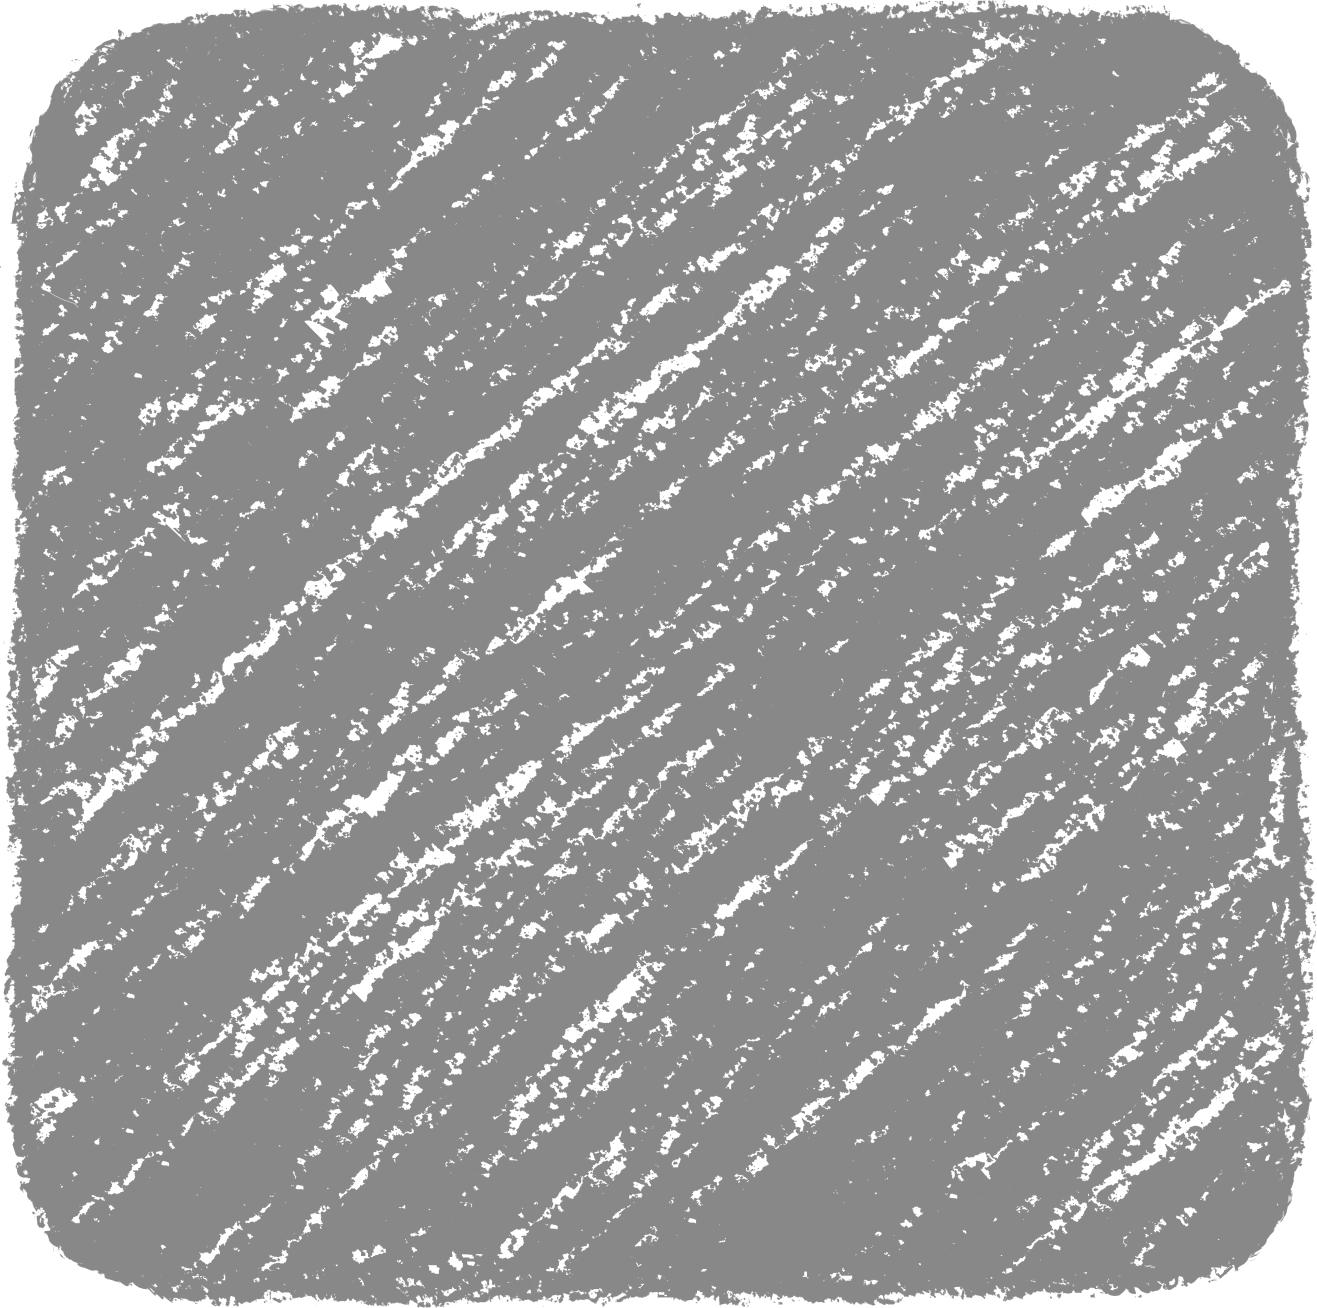 クレヨン塗り背景 ねずみ色 新(グレー)四角のイラスト square_gray